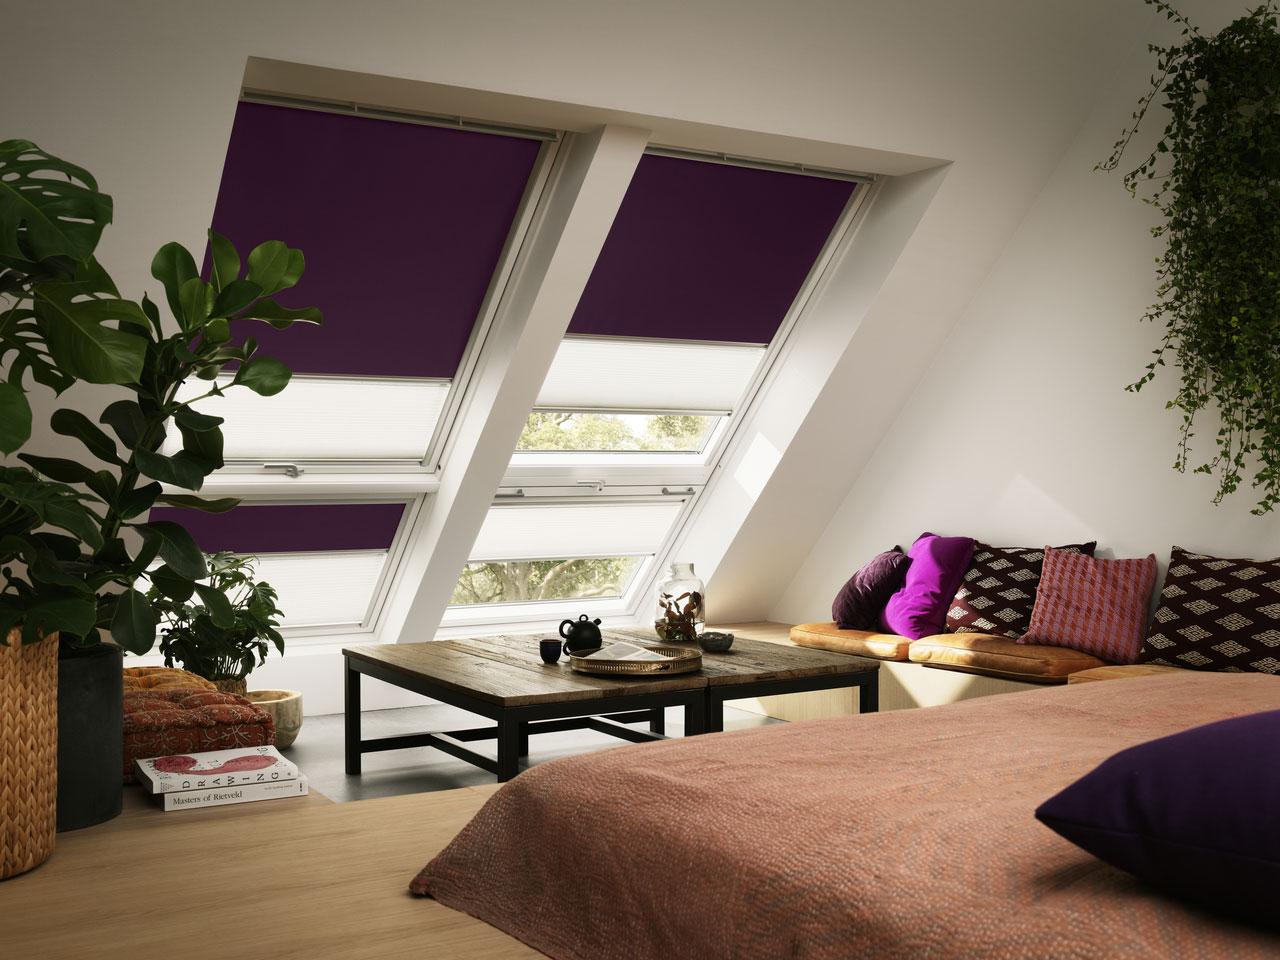 velux-verdunkelungplus-wohnzimmer-1280x960